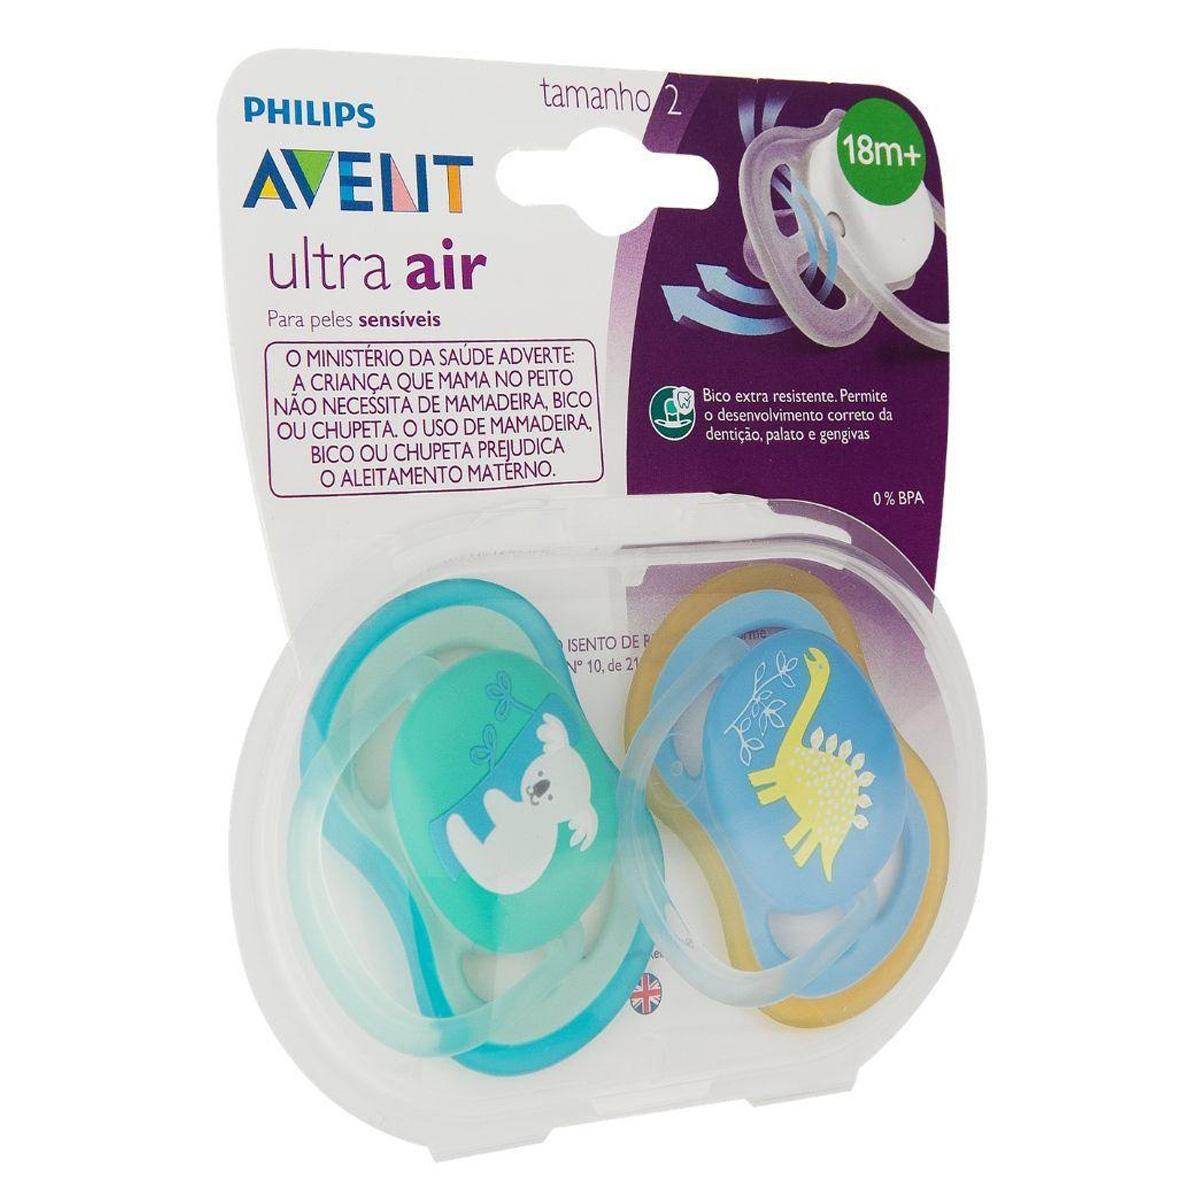 Chupeta Avent Ultra Air Dupla Azul E Verde Tamanho 2 18+ Mes